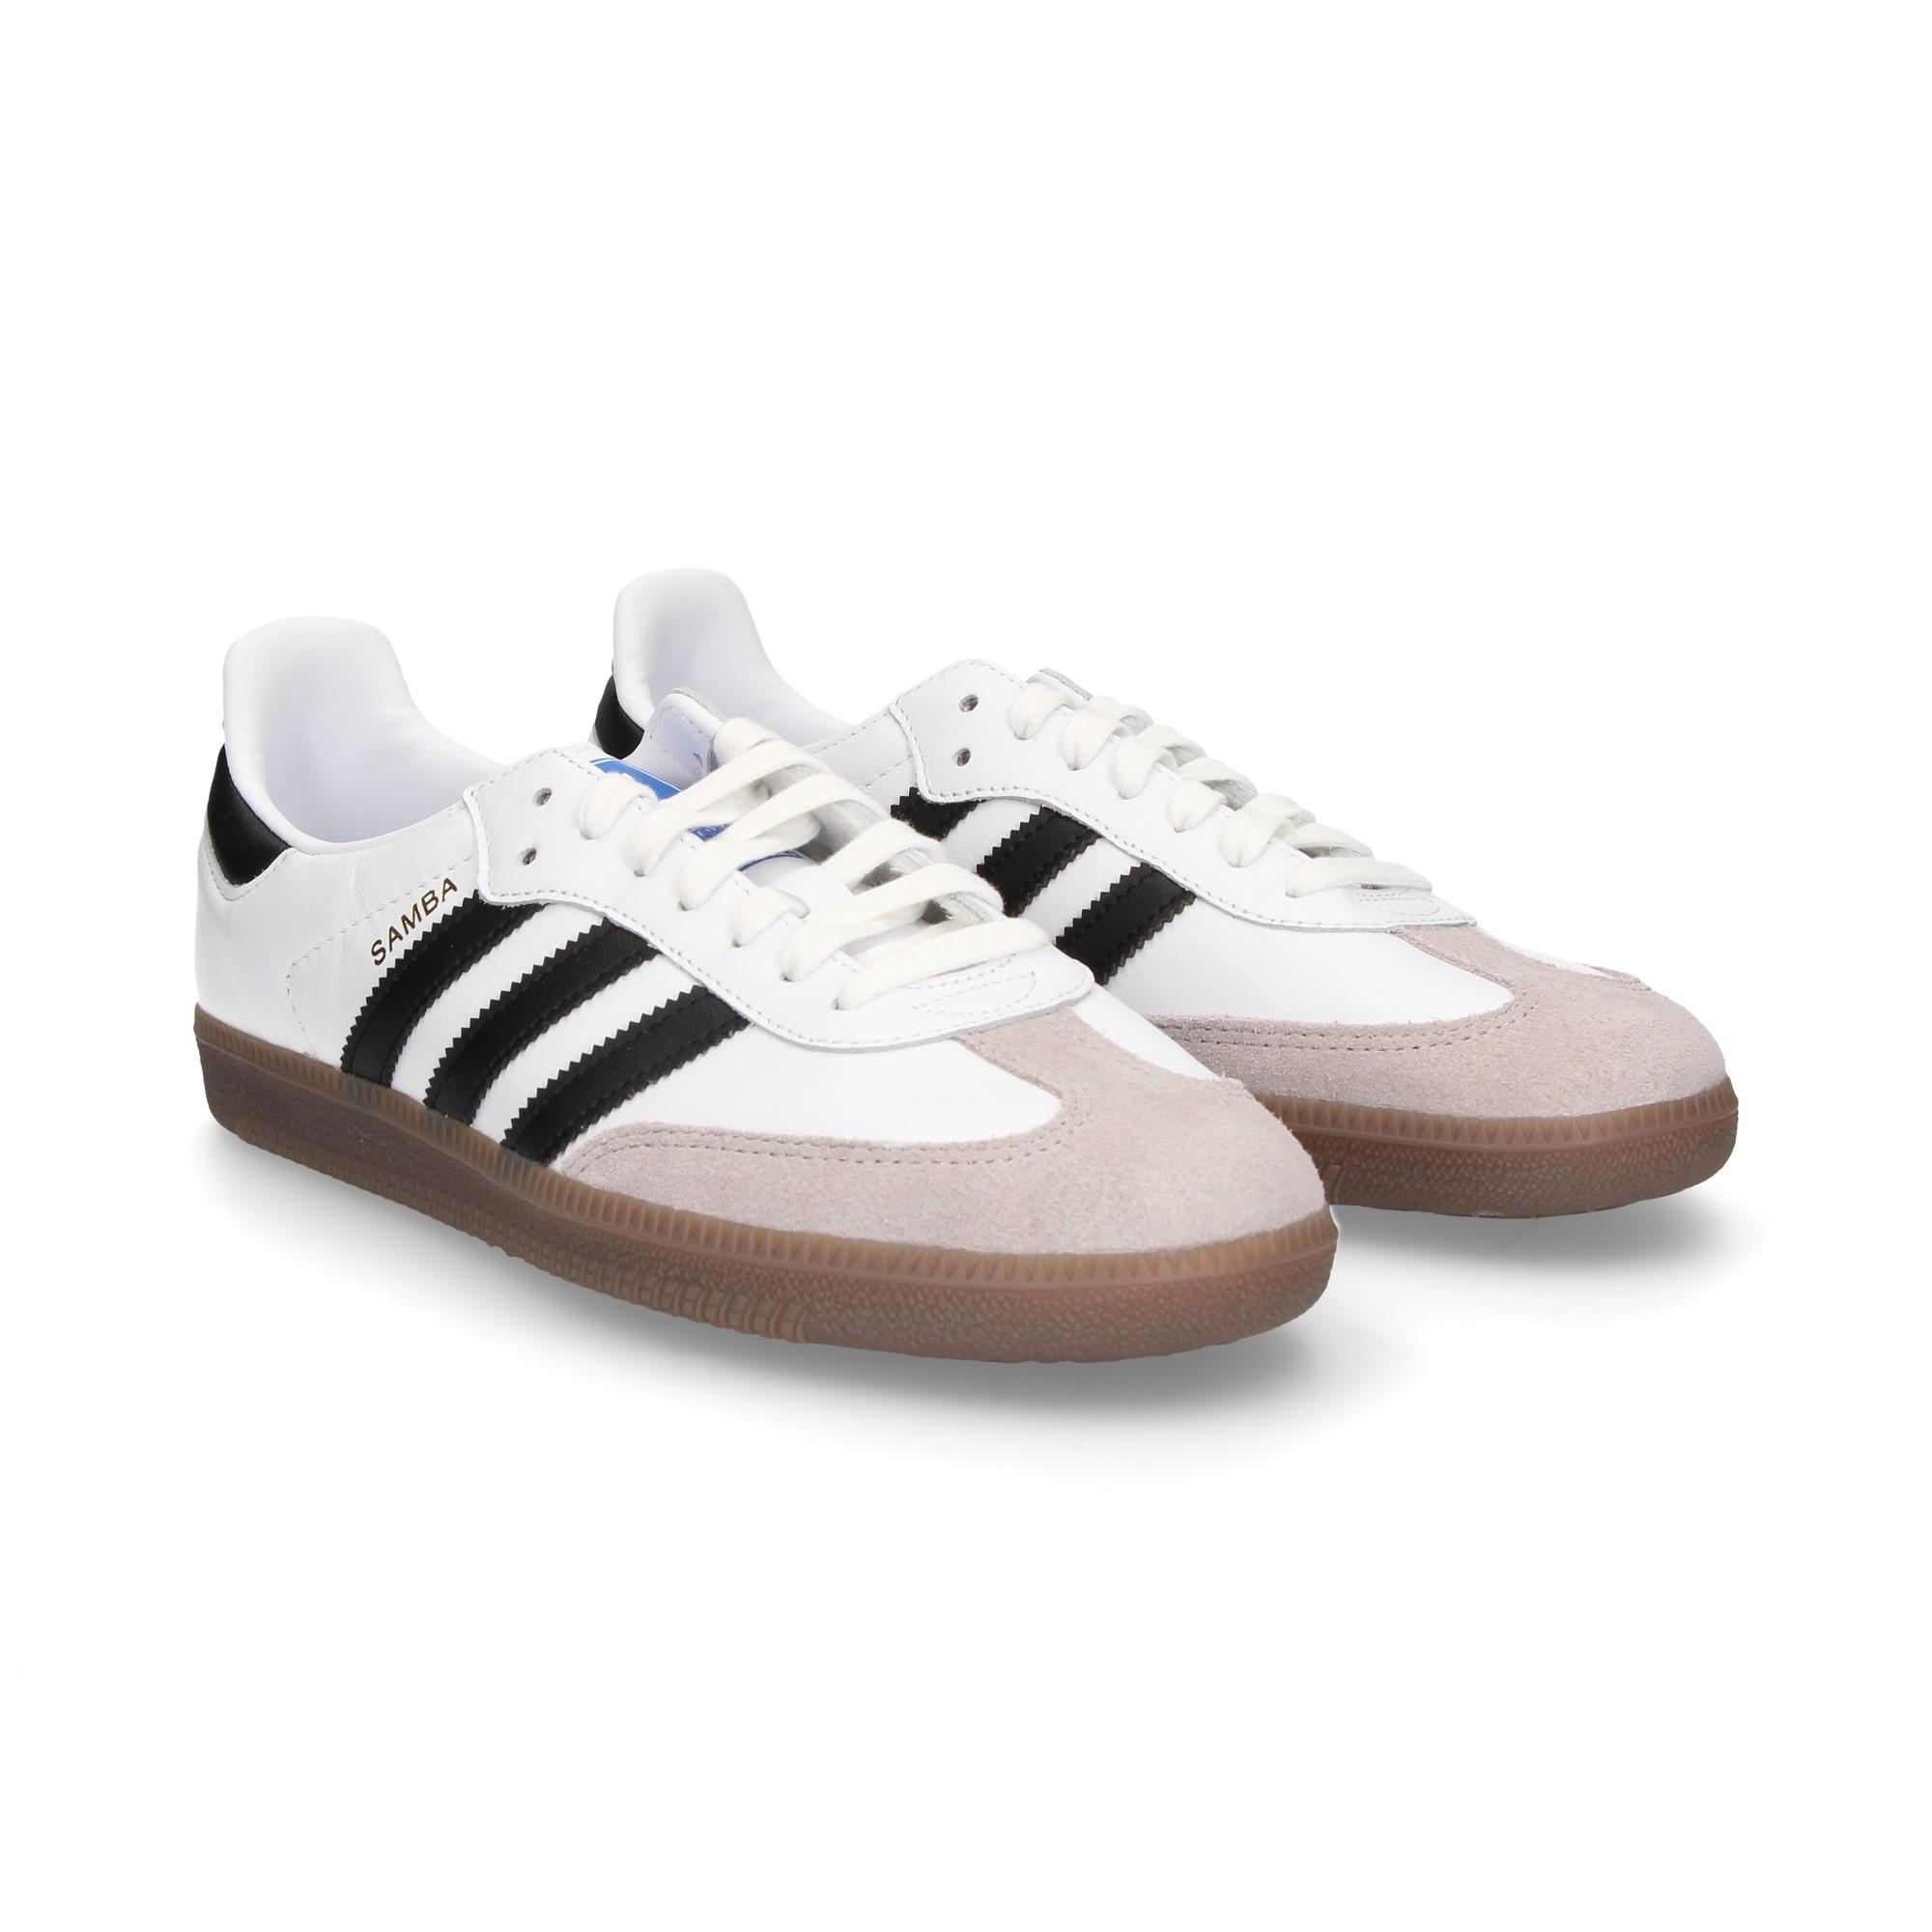 Adidas De Blanco Og Zapatillas Samba Hombre EYWH2DI9